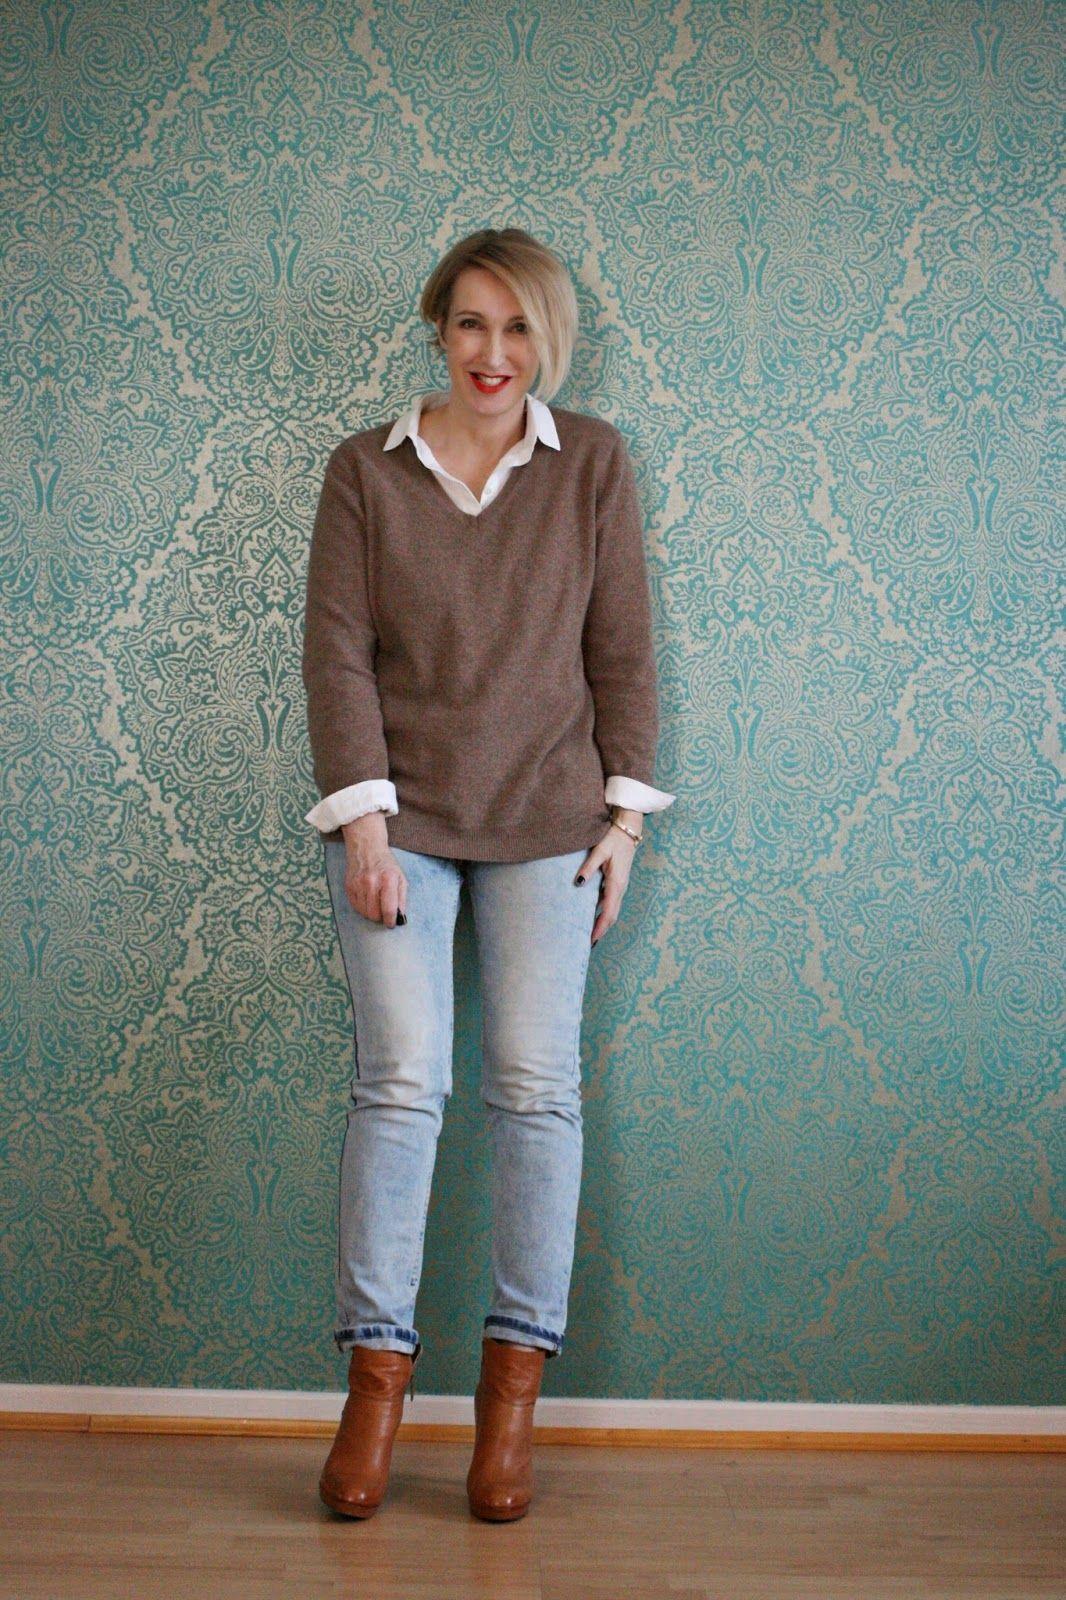 Pullover über Bluse getragen | Moda madura, Vestidos de